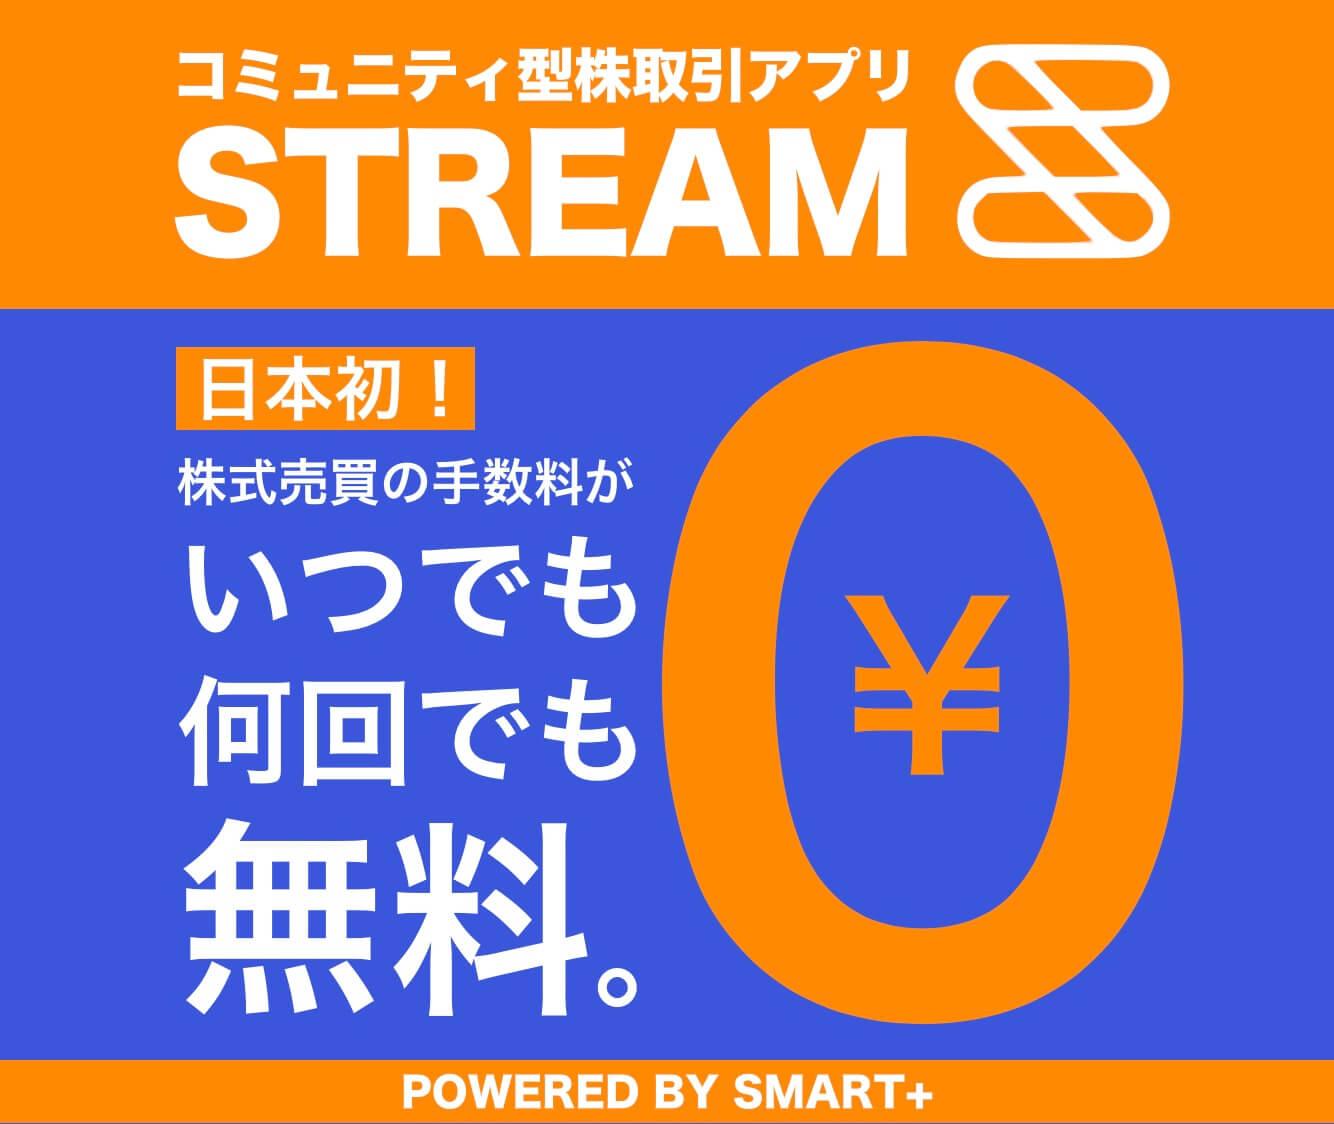 おすすめ株取引アプリ「STREAM」のバナー画像